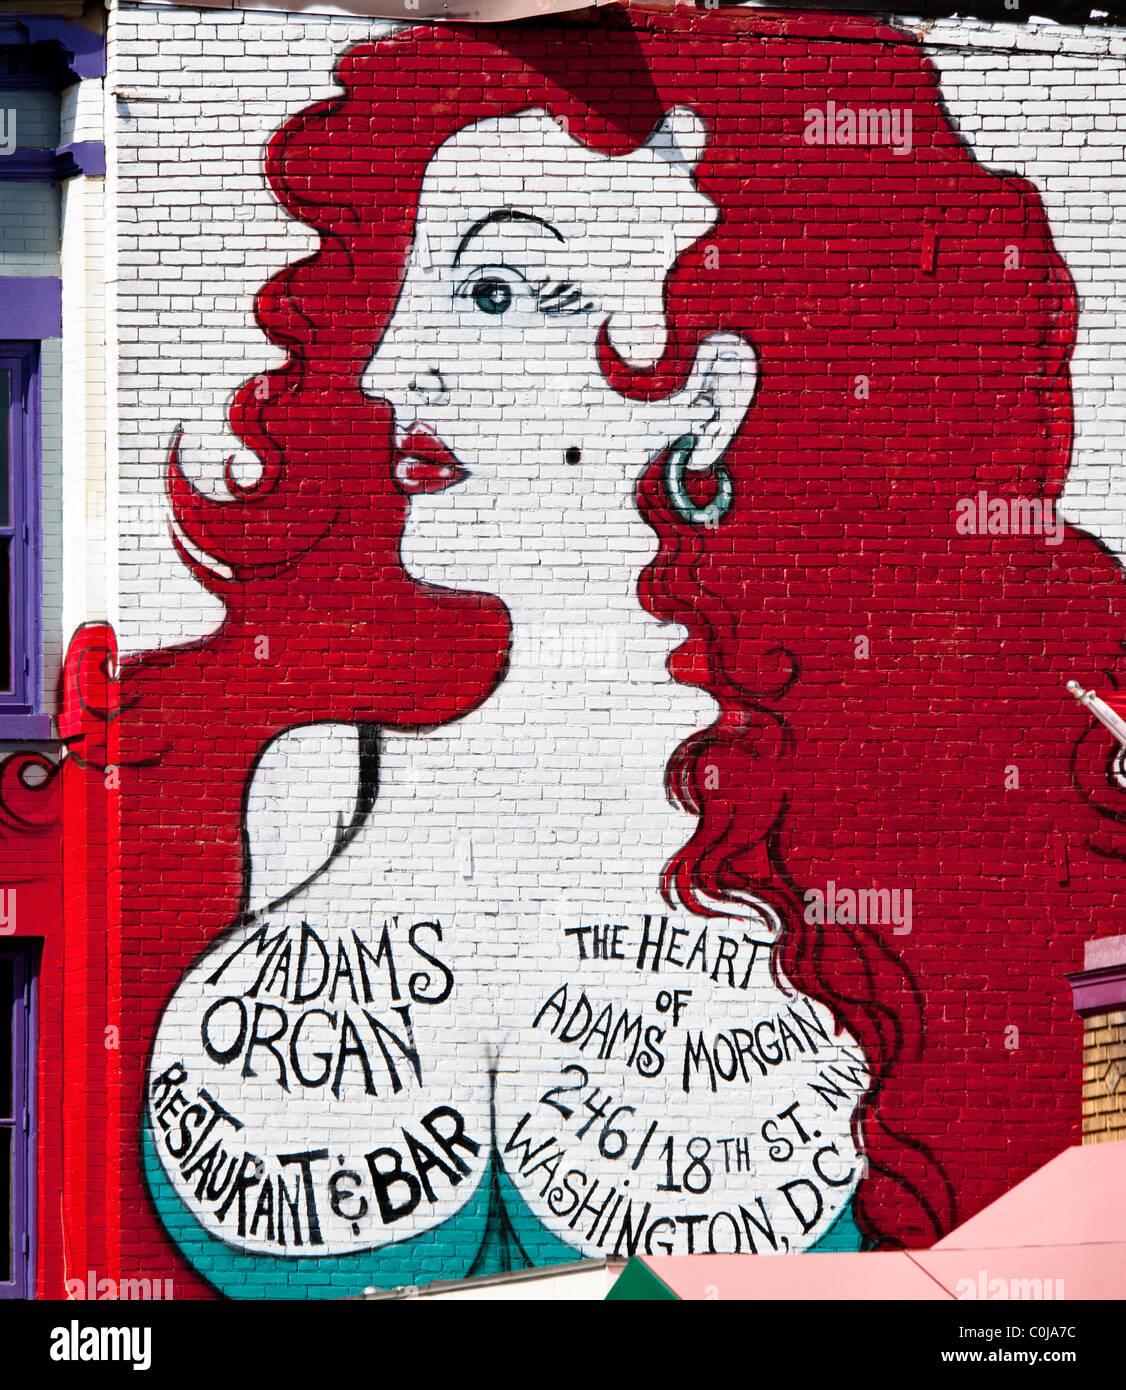 Hito de una dama buxomly mural en el lado de la señora del Órgano Rector del club en la 18th Street NW Imagen De Stock